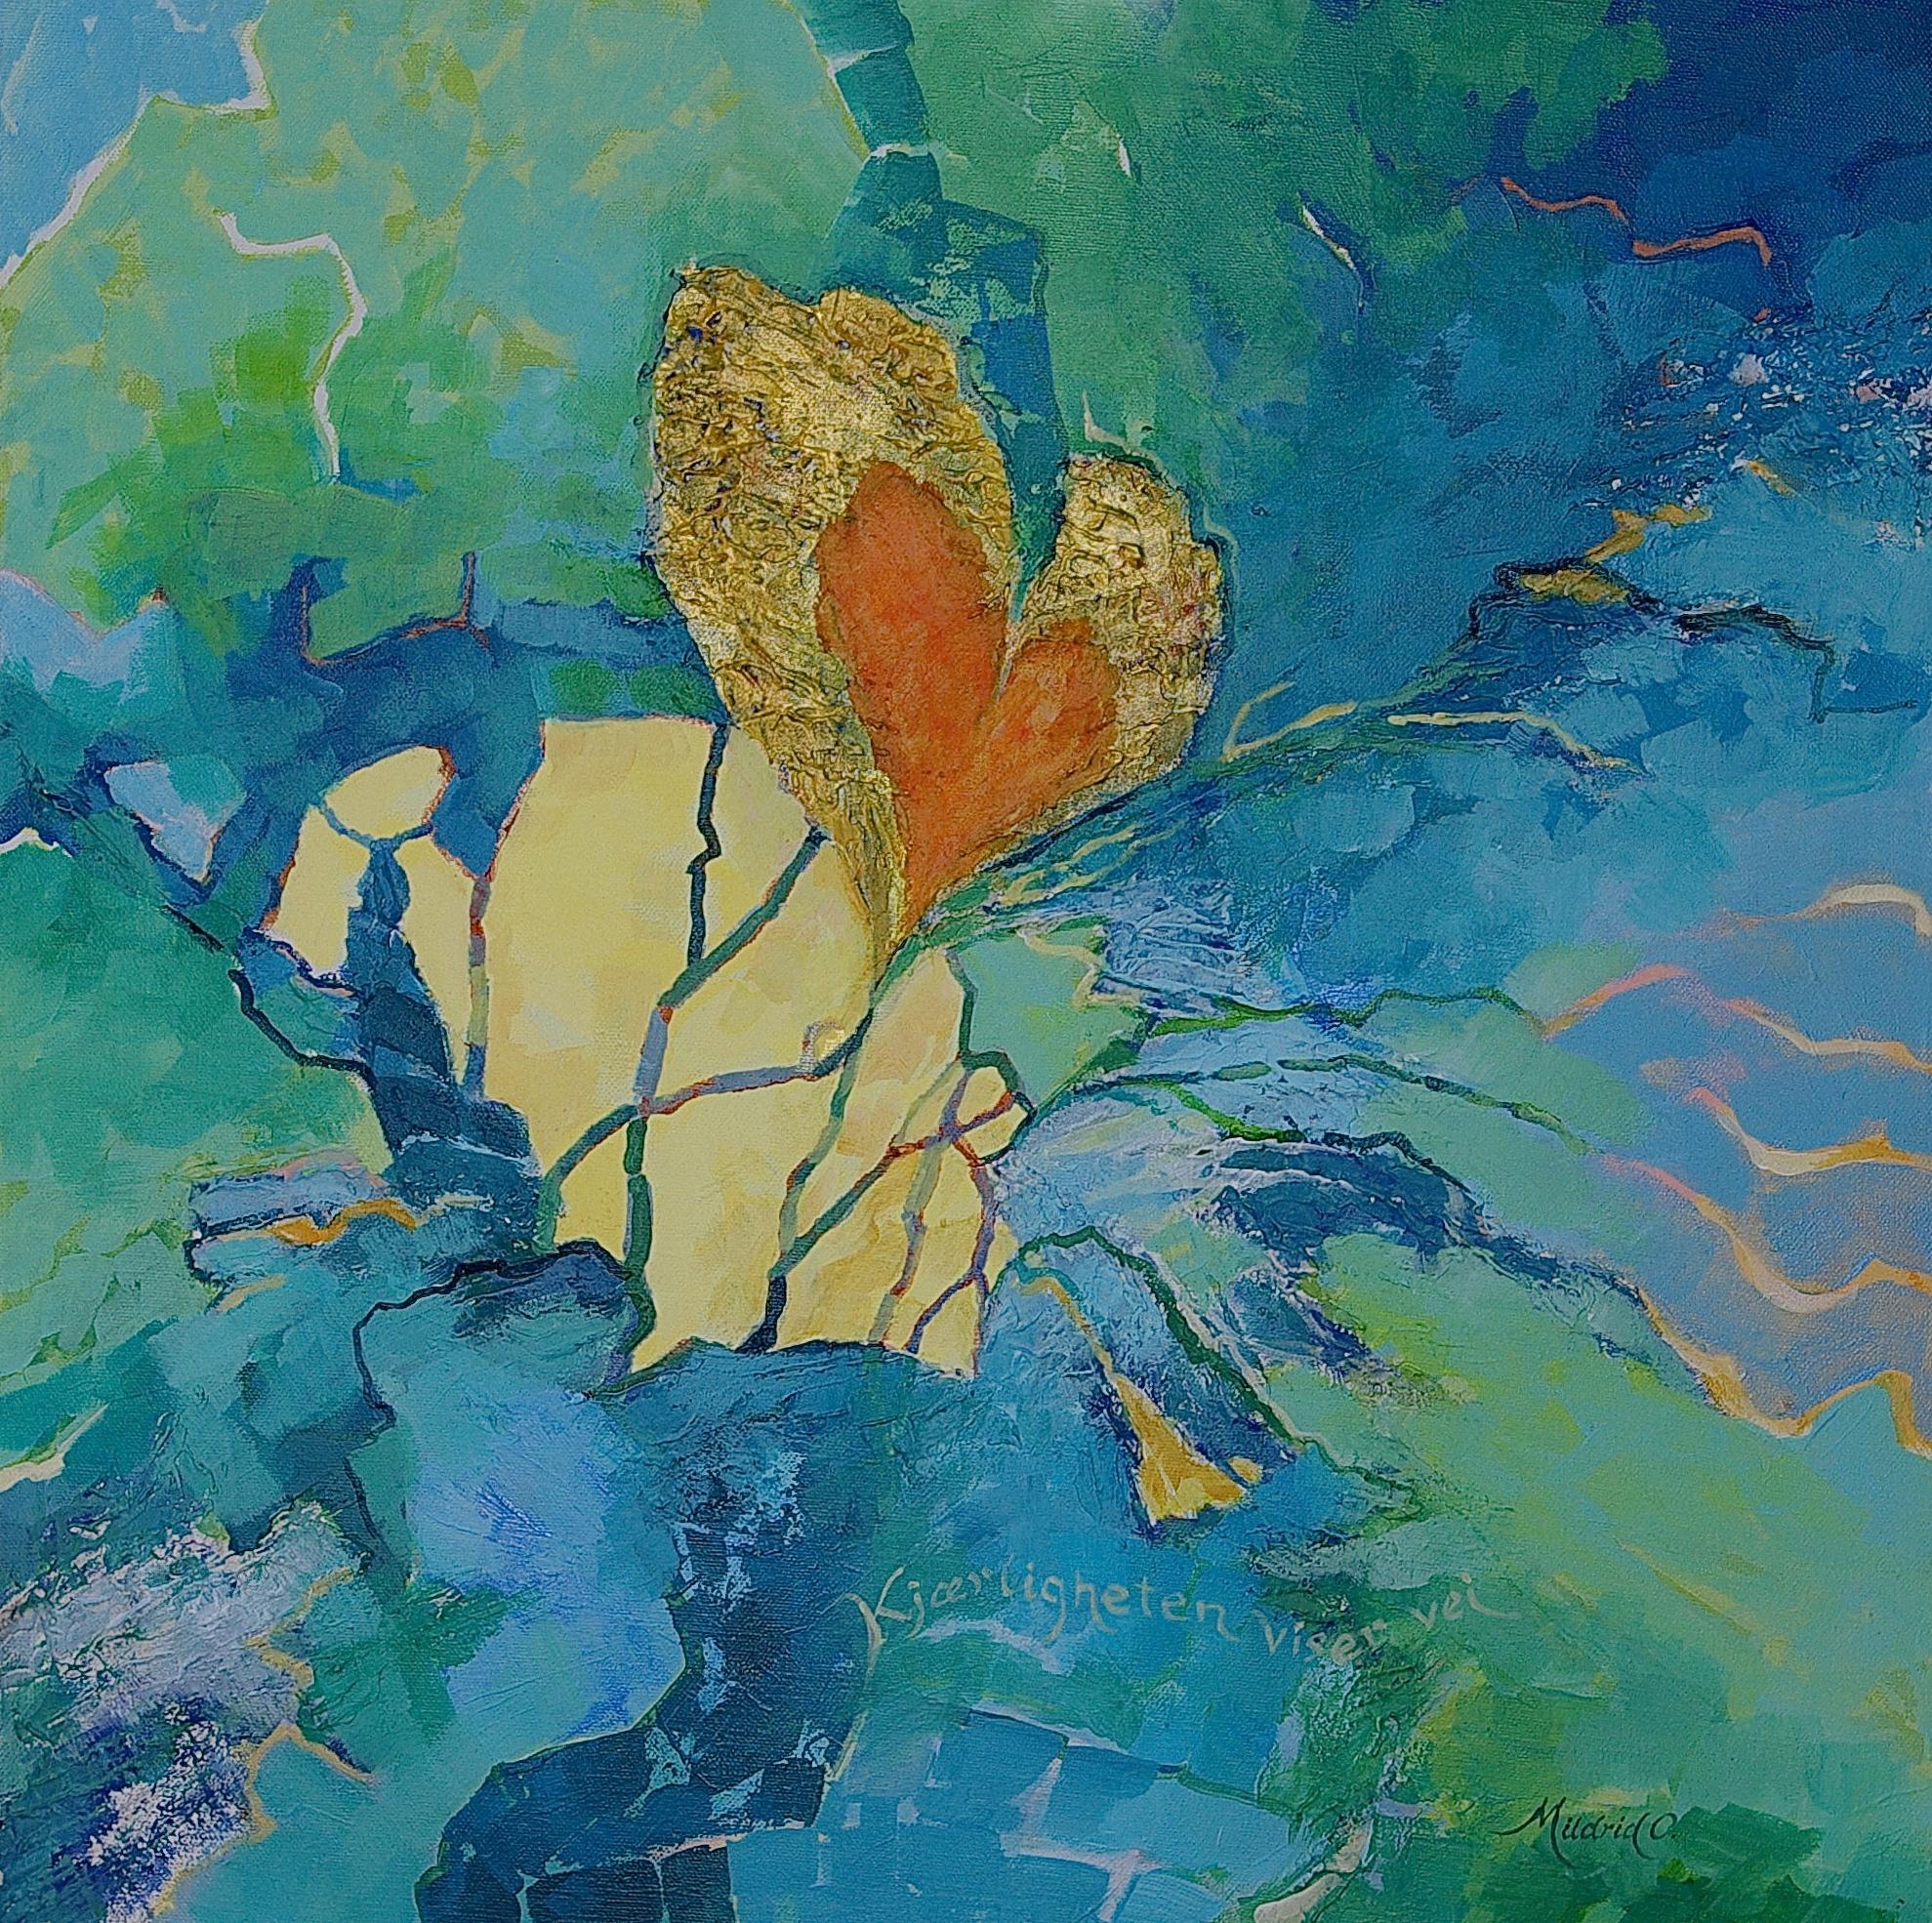 Kjærligheten viser vei